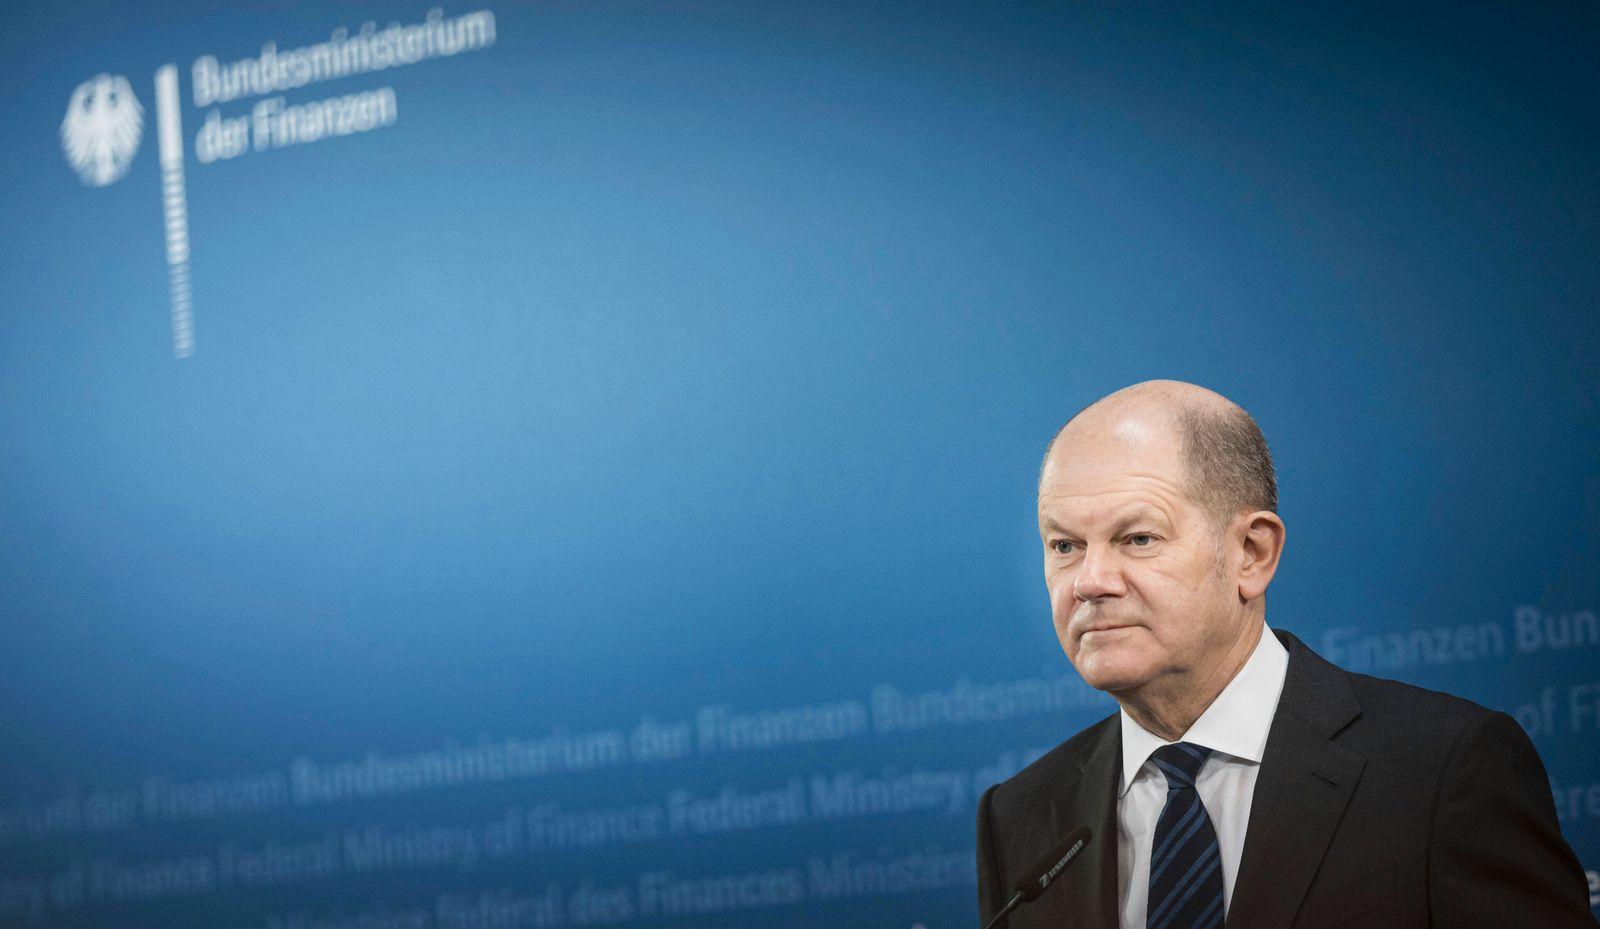 Bundesfinanzminister Olaf Scholz, SPD, gibt ein Doorstep-Statement vor der Sitzung der Eurogruppe, ECOFIN in Berlin. 15.